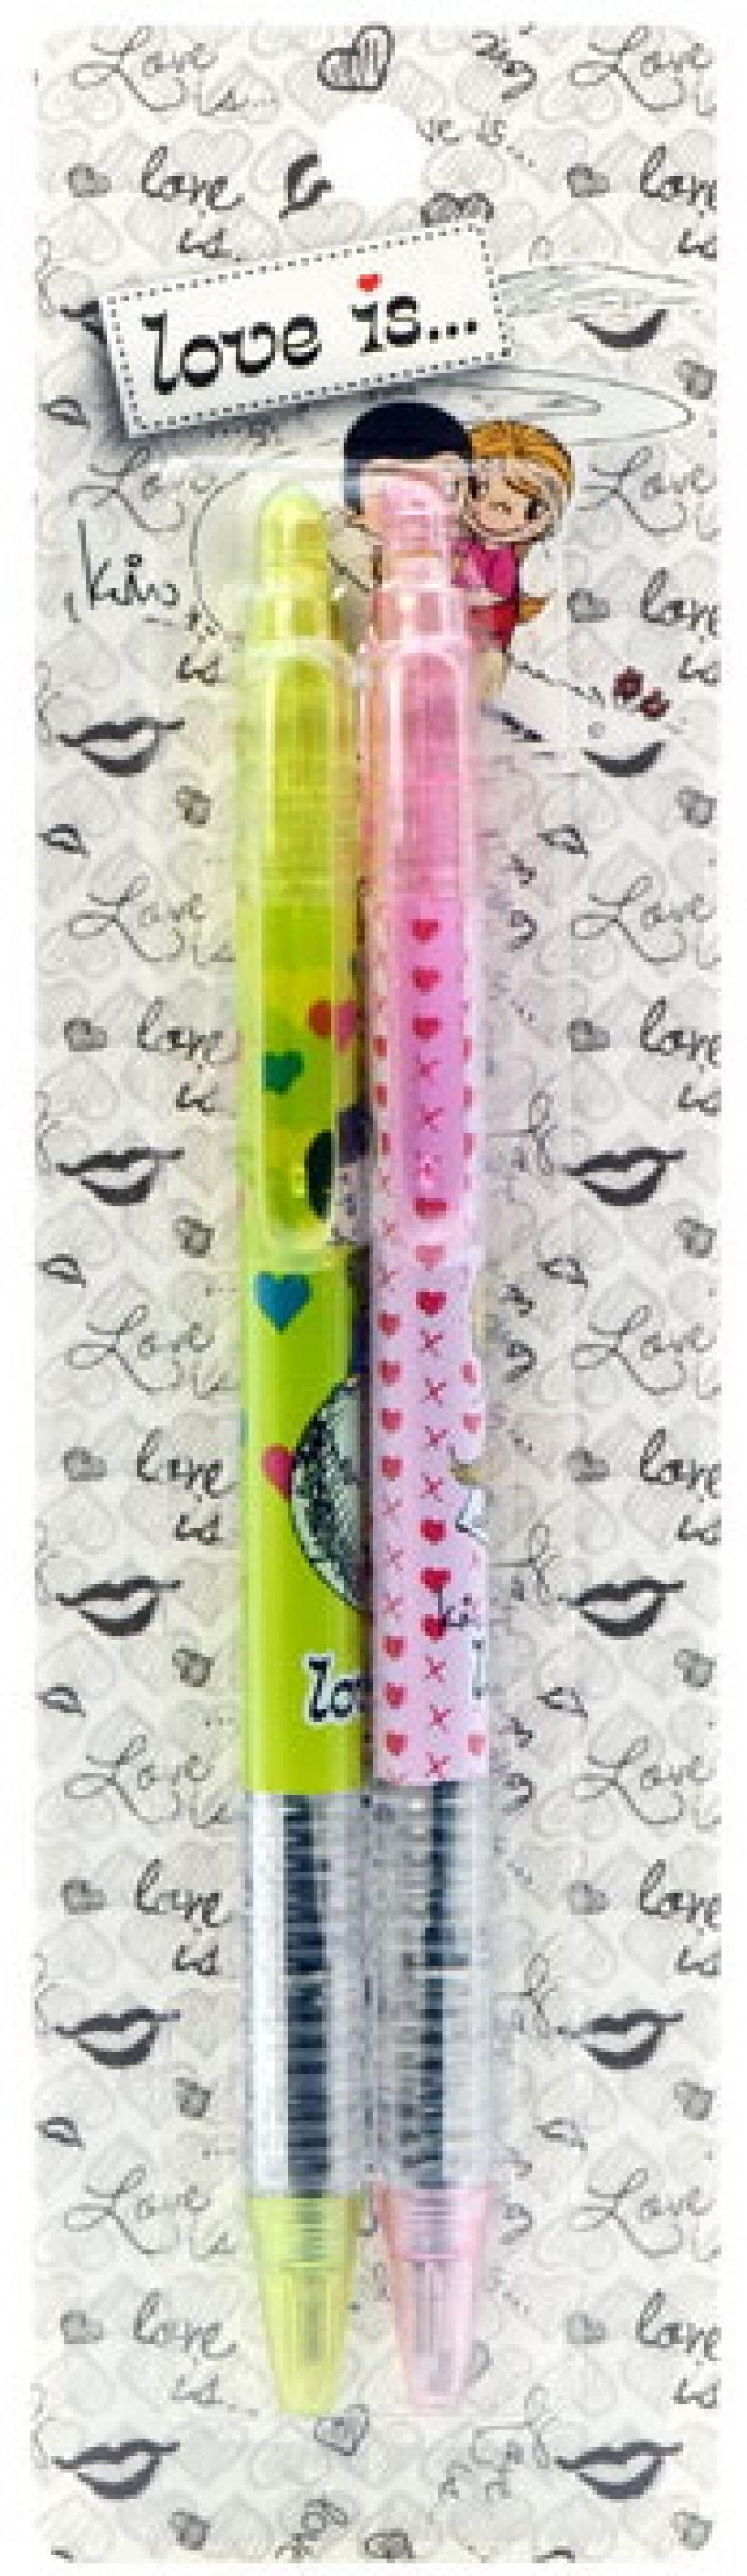 Набор шариковых ручек автоматическая Action! Love is 2 шт синий LI-ABP150/2 LI-ABP150/2 набор шариковых стержней cross tech3 tech4 красный 2 шт